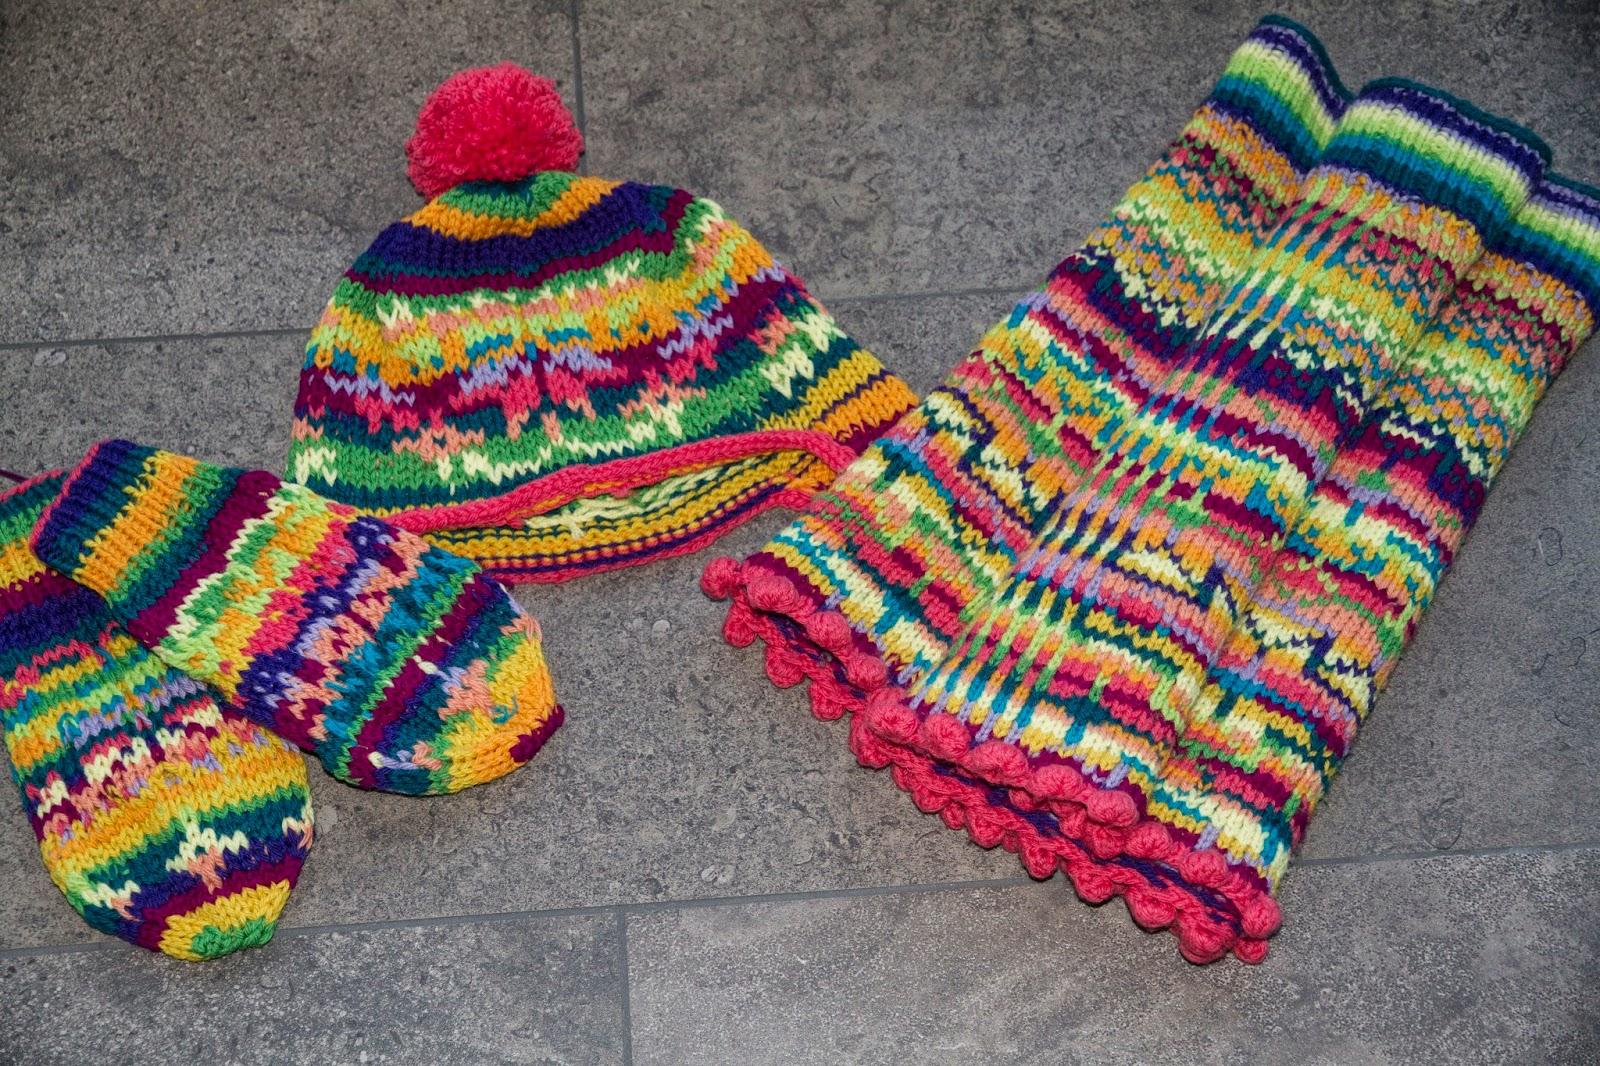 Charlotte Kaae knitting pattern www.bykaae.dk